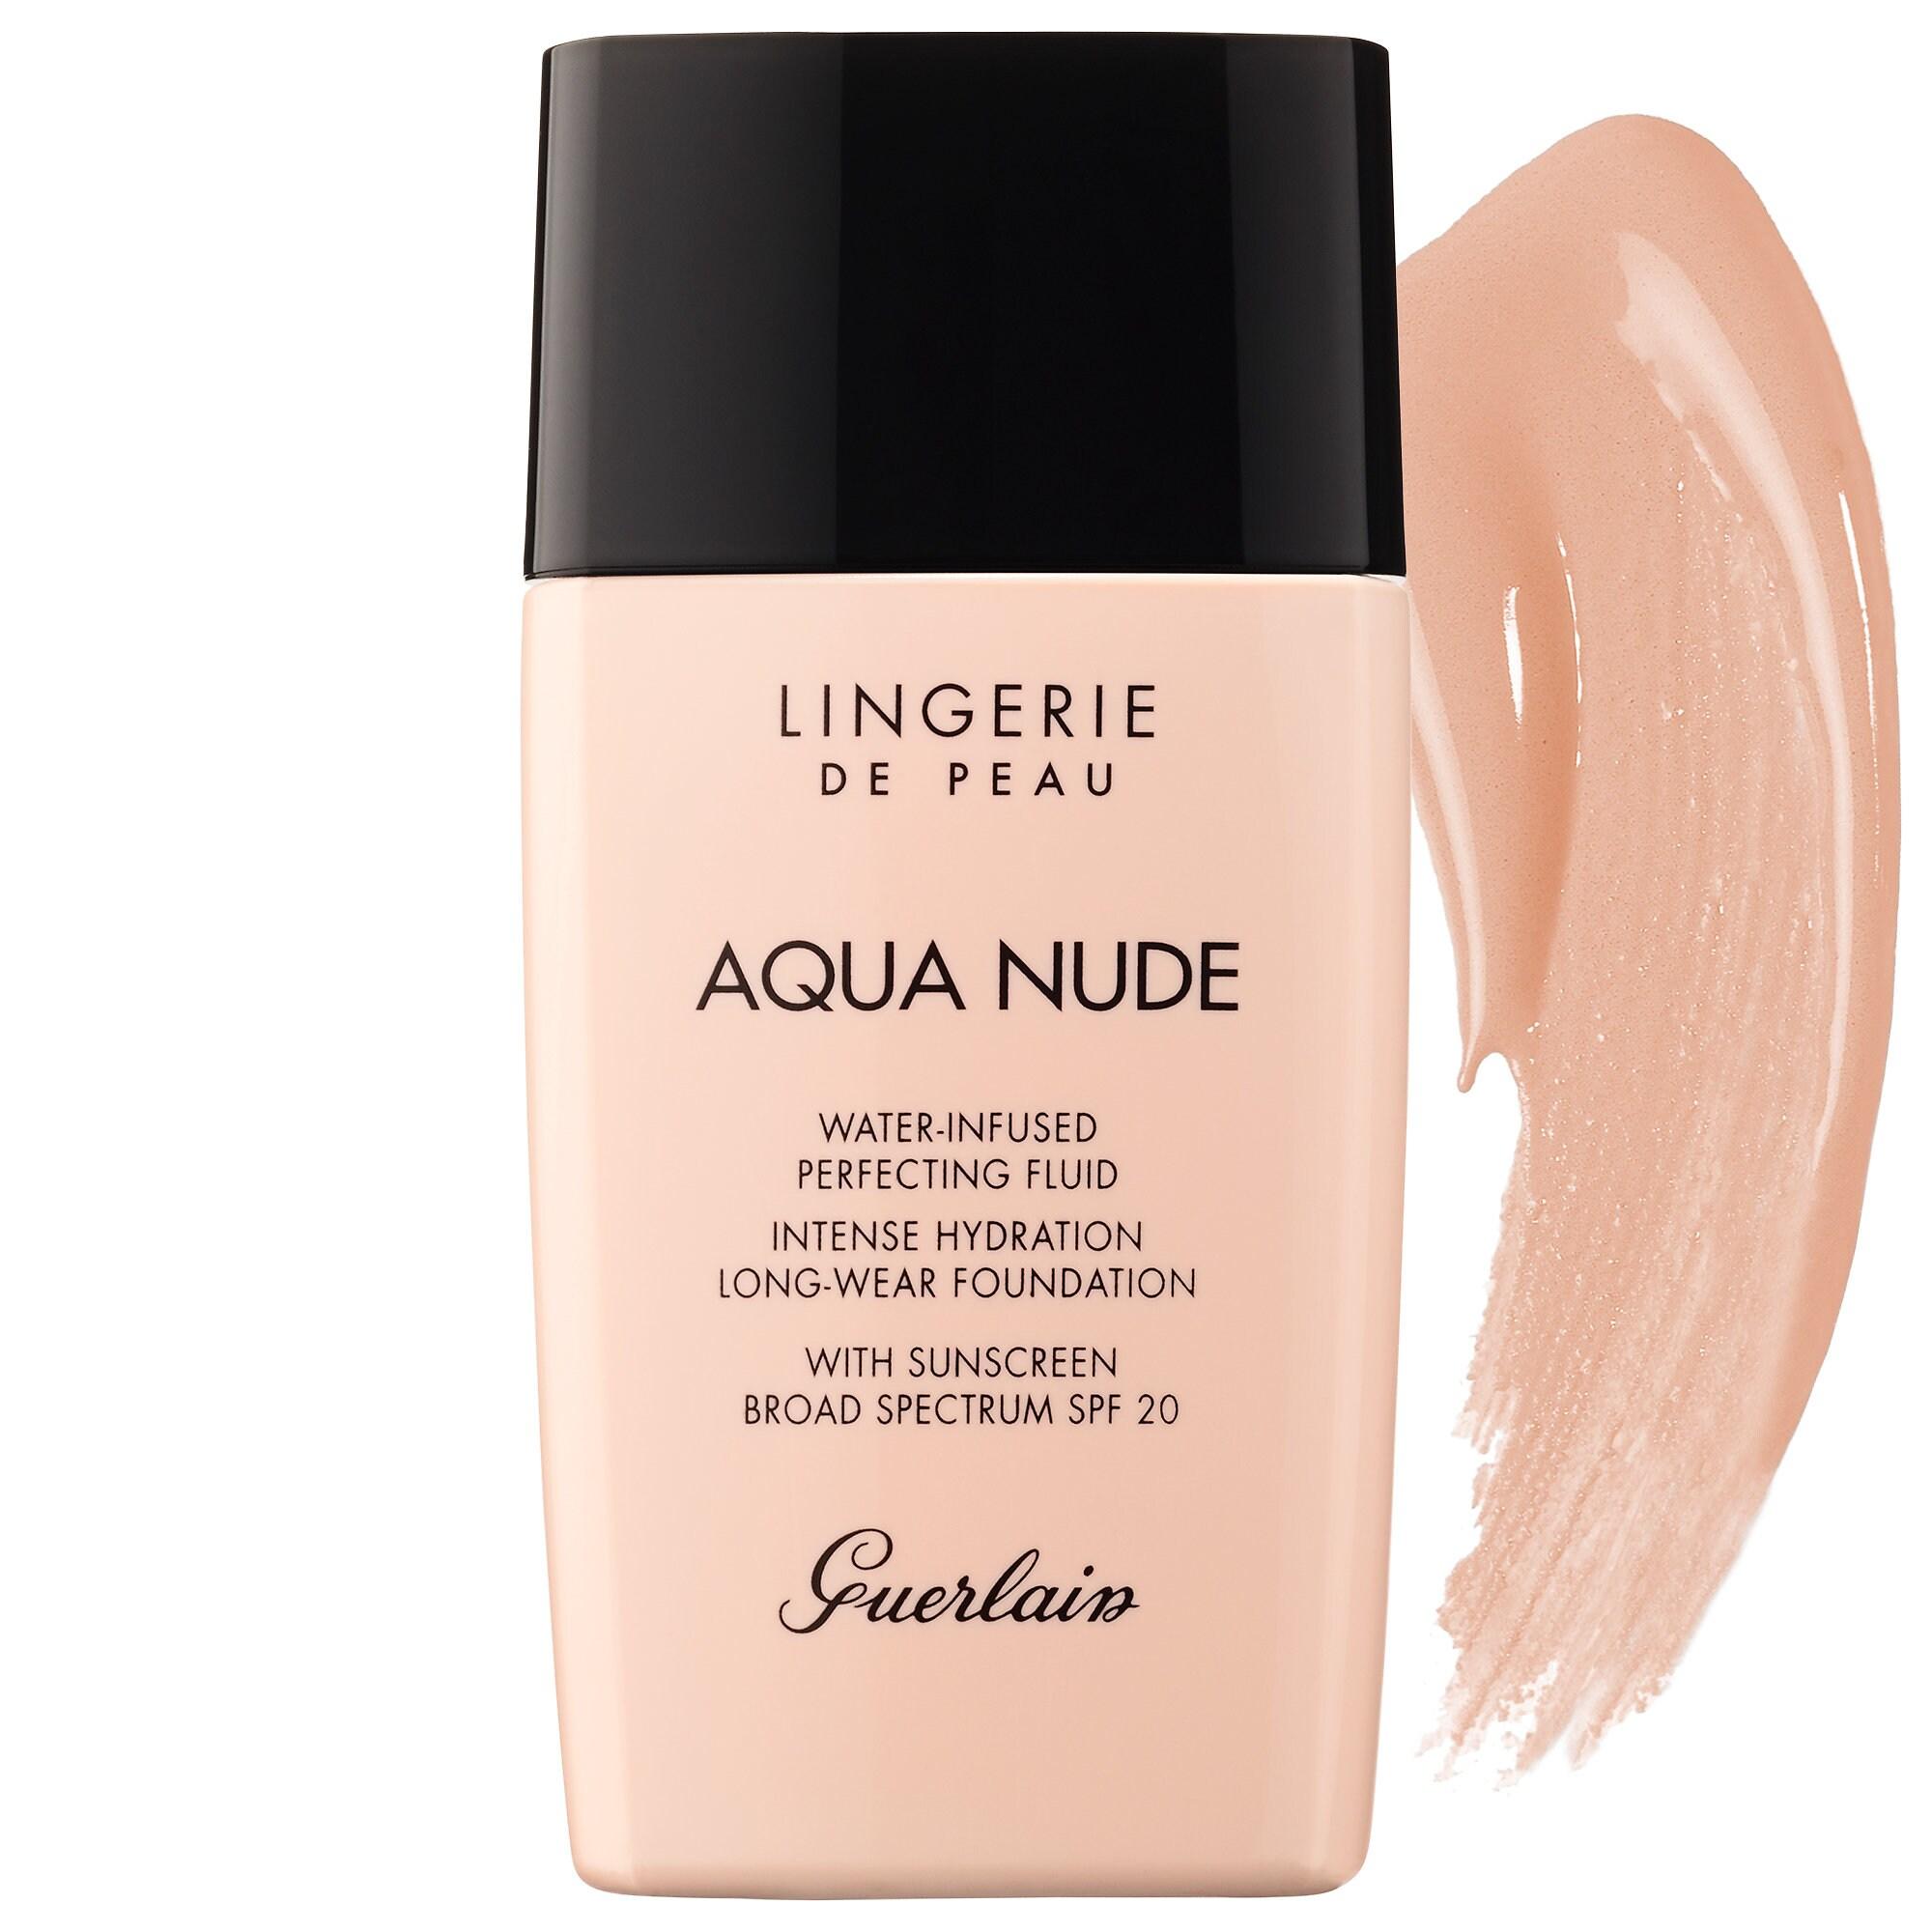 Lingerie de Peau Aqua Nude Foundation - 01N Very Light